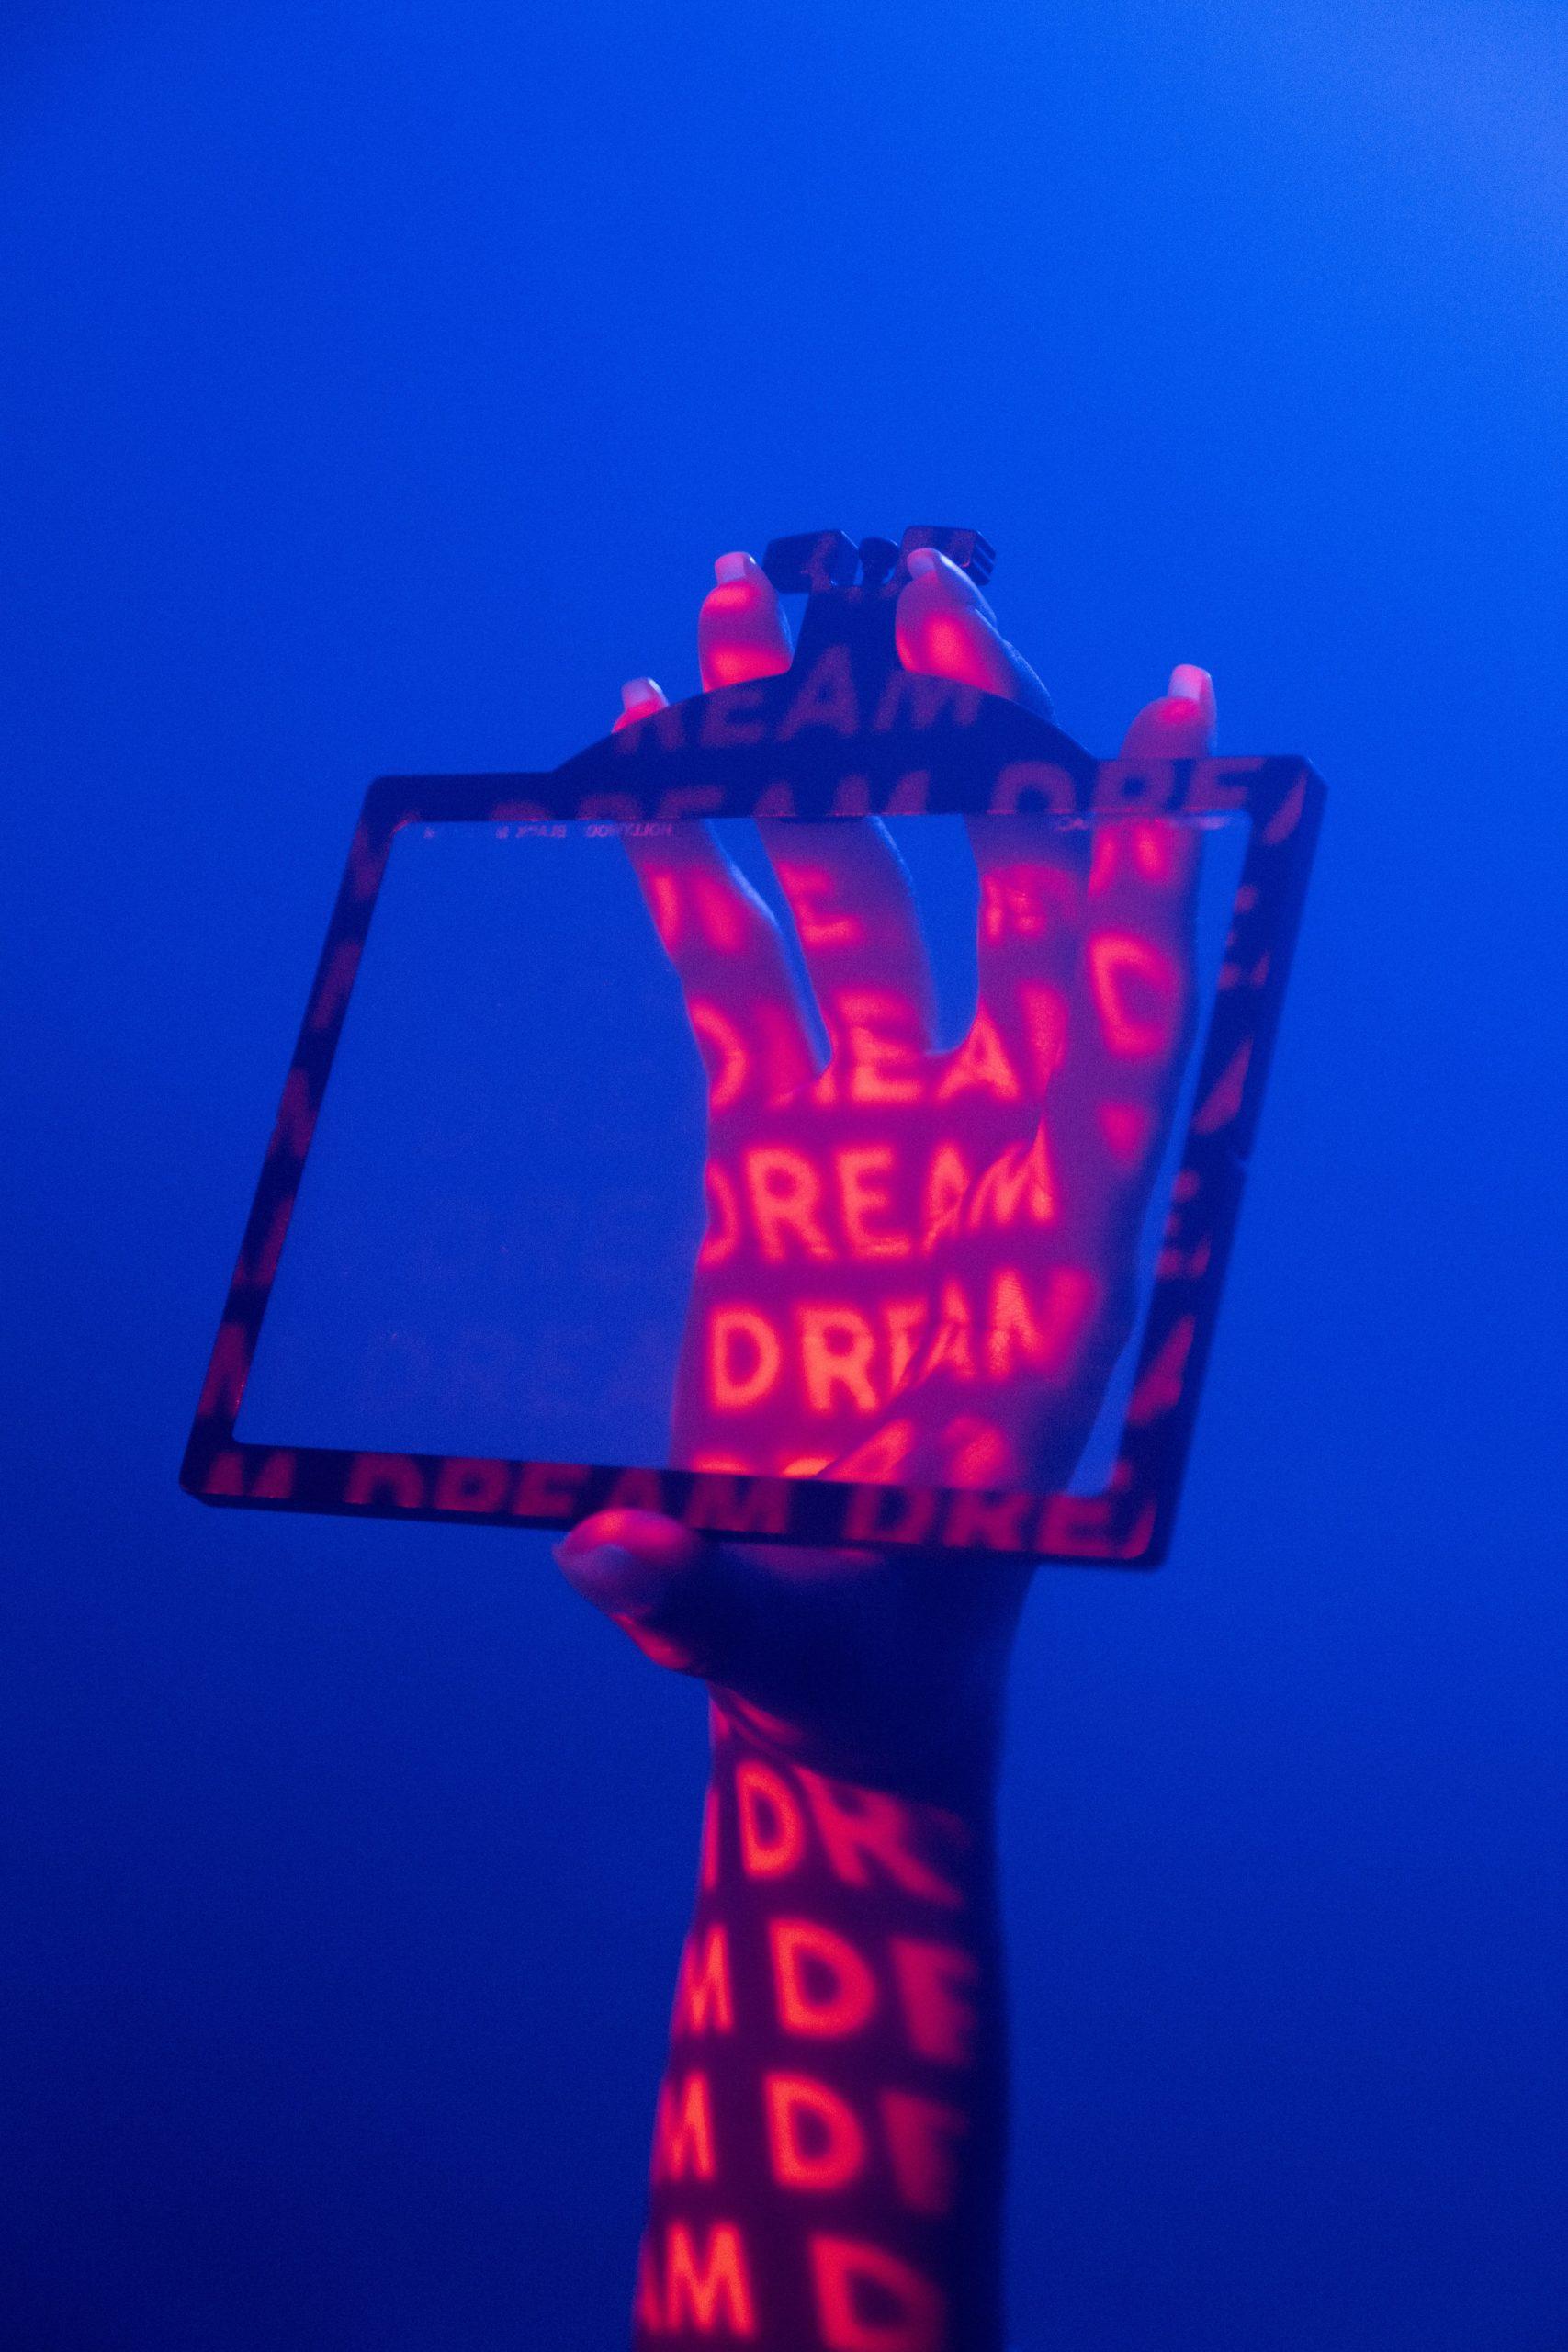 Projektion von Dream auf eine Hand